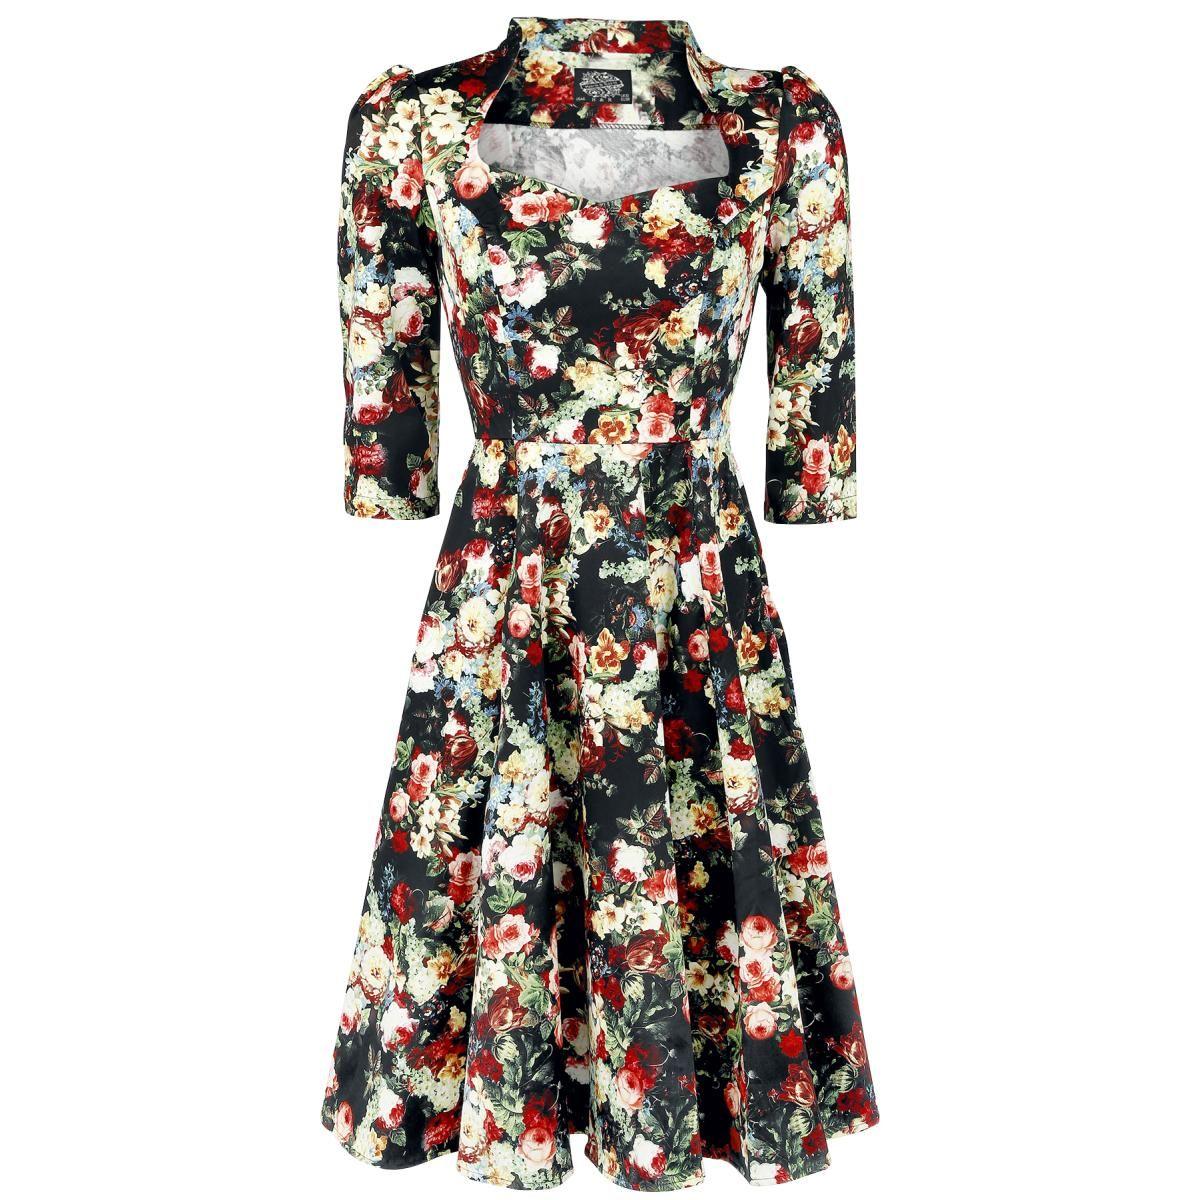 H&R London  Mittellanges Kleid  »Thorny Rose Bloom 3/4 Sleeve Swing Dress«   Jetzt bei EMP kaufen   Mehr Gothic  Mittellange Kleider  online verfügbar ✓ Unschlagbar günstig!